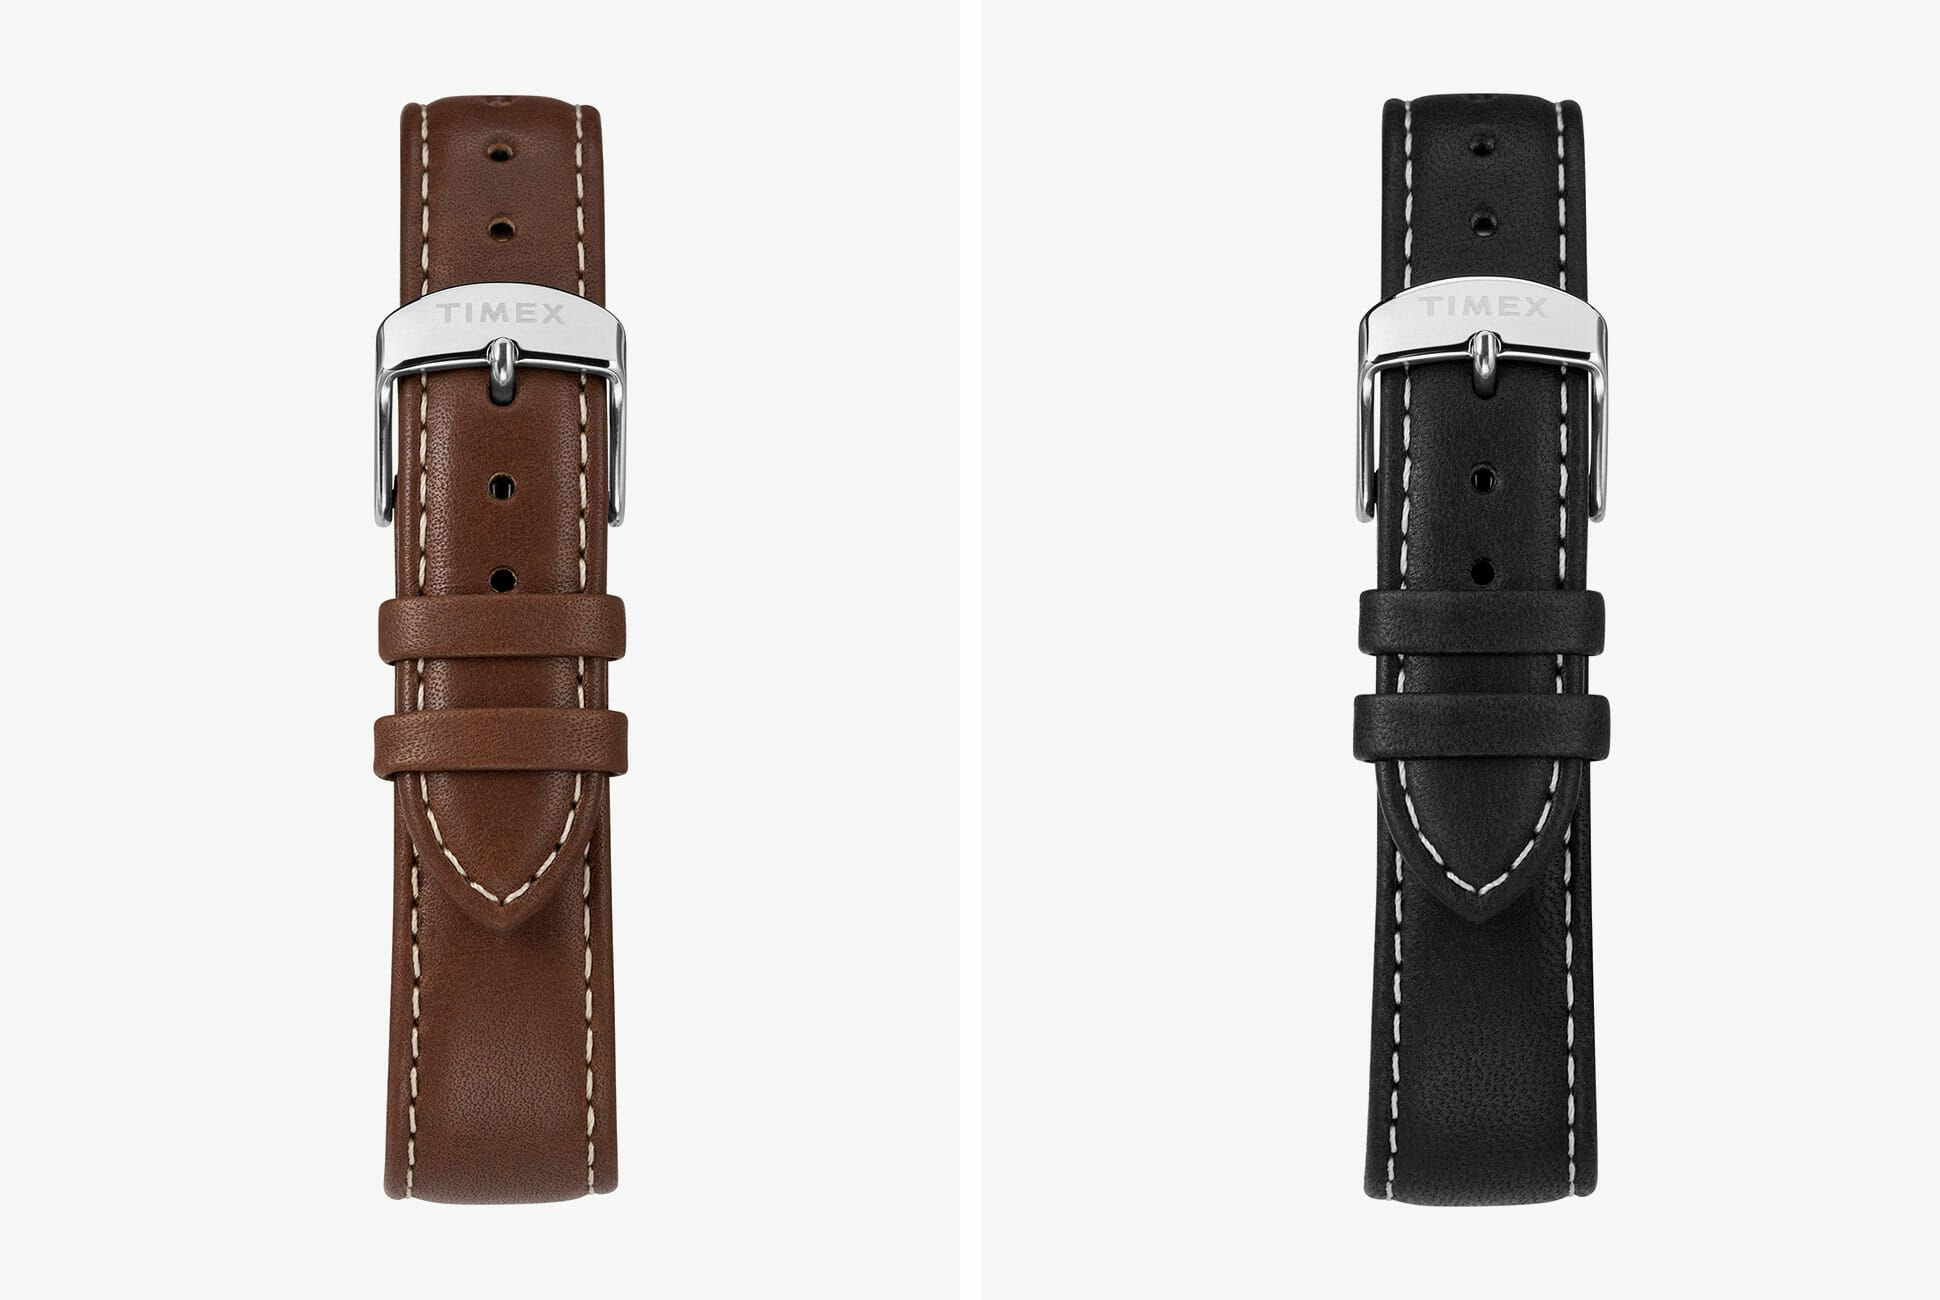 Todd-Snyder-x-Timex-Mid-Century-Watch-gear-patrol-slide-3